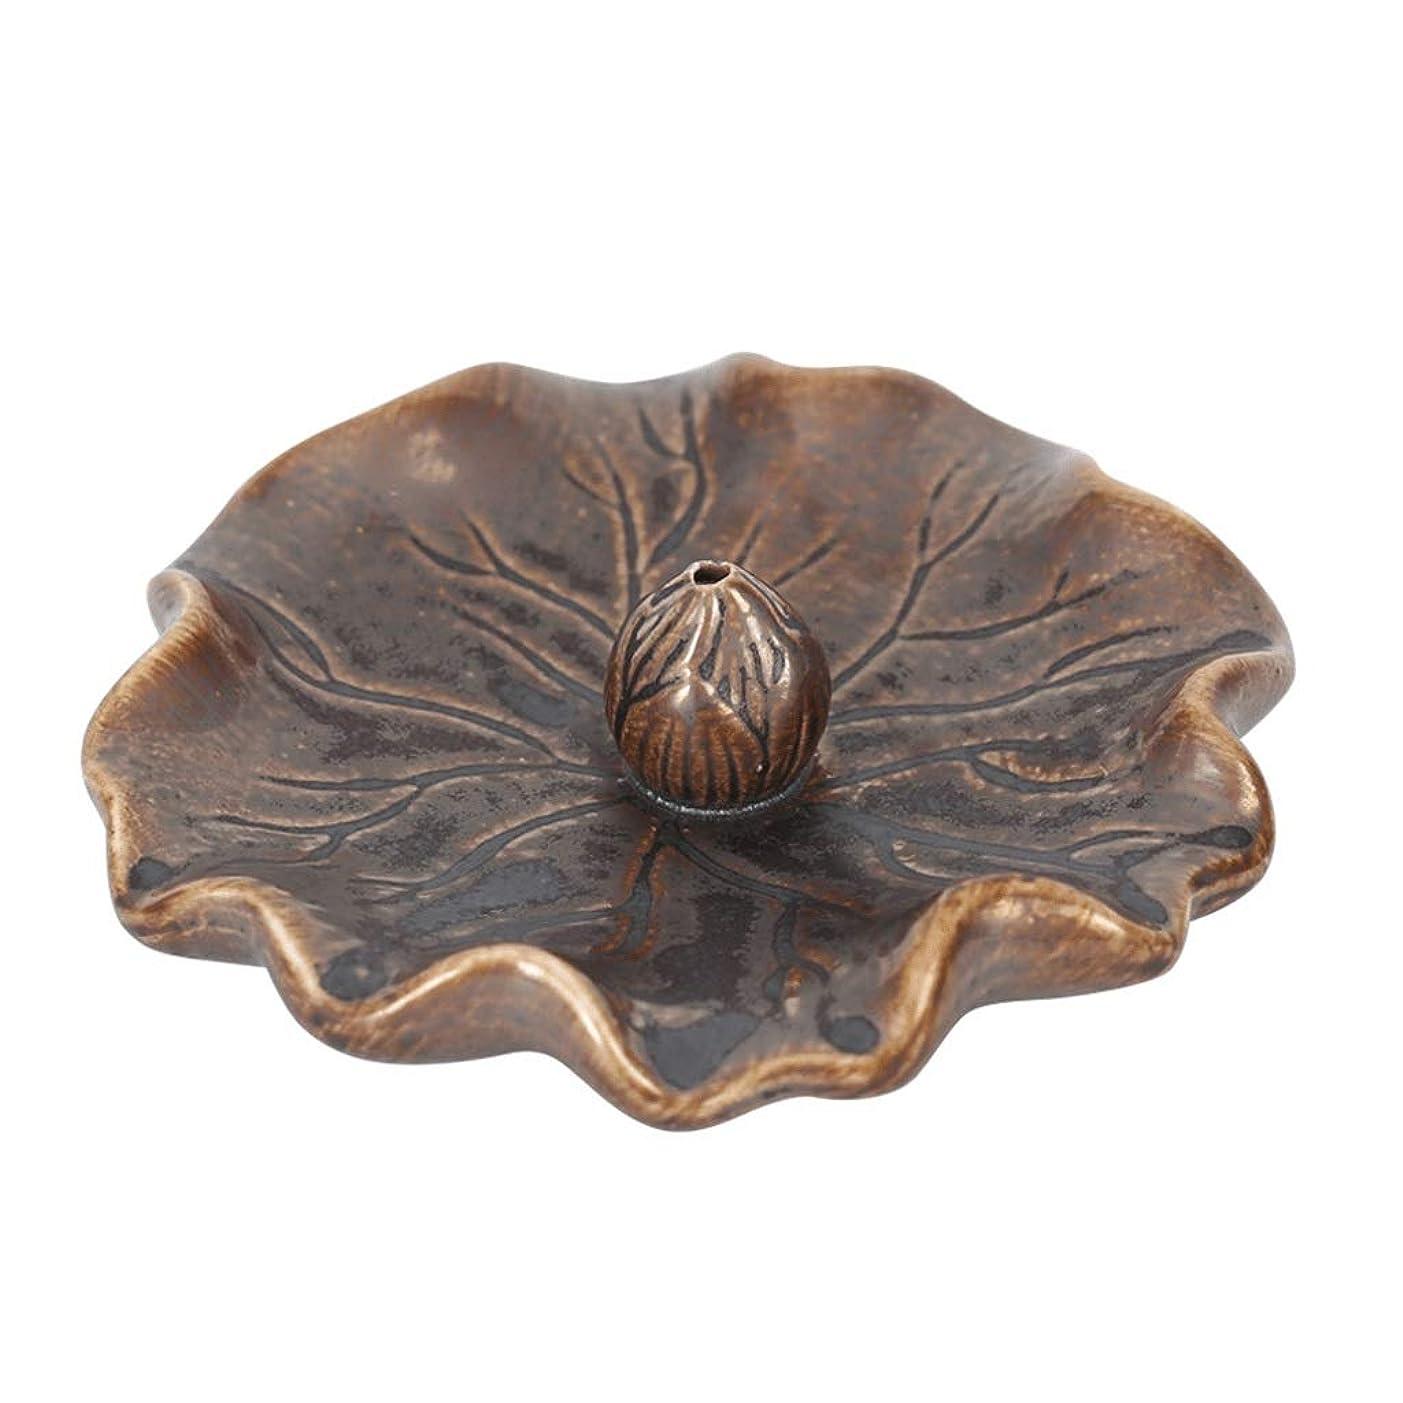 穴信条額ライン香バーナー蓮の葉アンティーク香ホルダービャクダン炉ホーム屋内香りの良い皿セラミック香ホルダー (Color : Brass, サイズ : 4.52*1.18inchs)